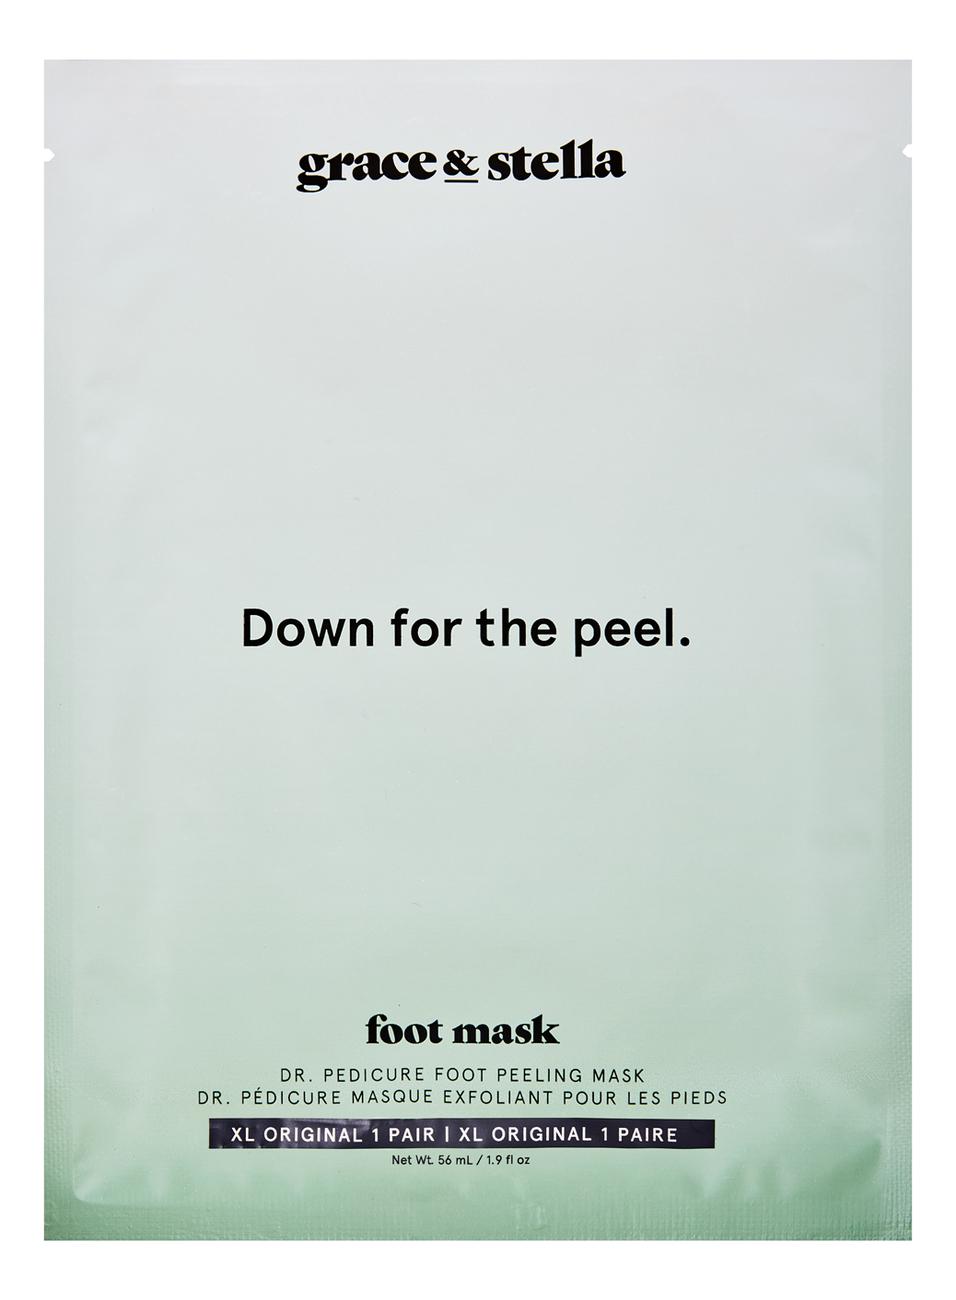 Носочки для педикюра оригинальные Dr. Pedicure Original Foot Exfoliating Mask XL